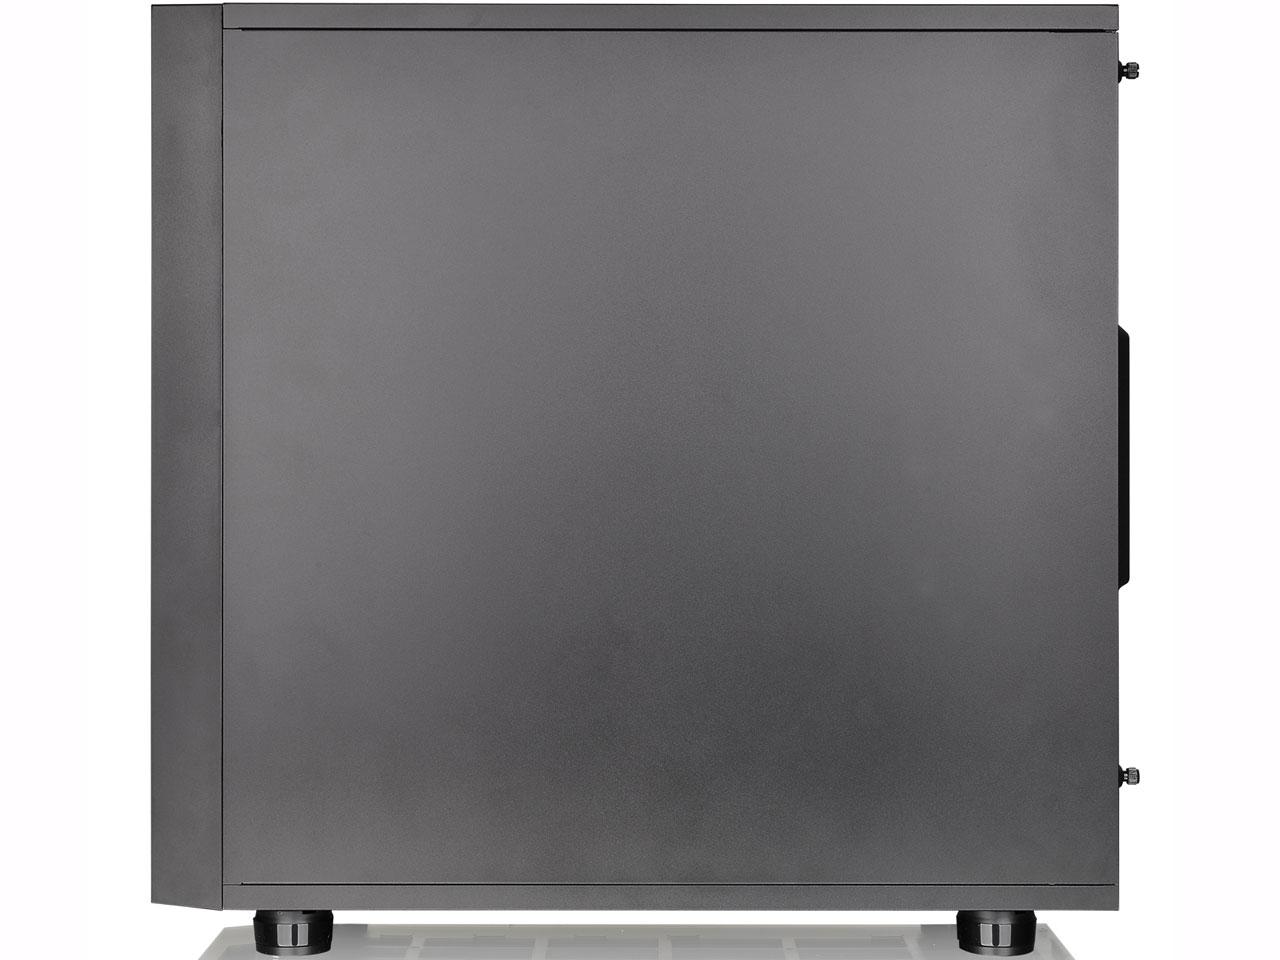 『本体 右側面』 Core X31 RGB CA-1E9-00M1WN-02 の製品画像